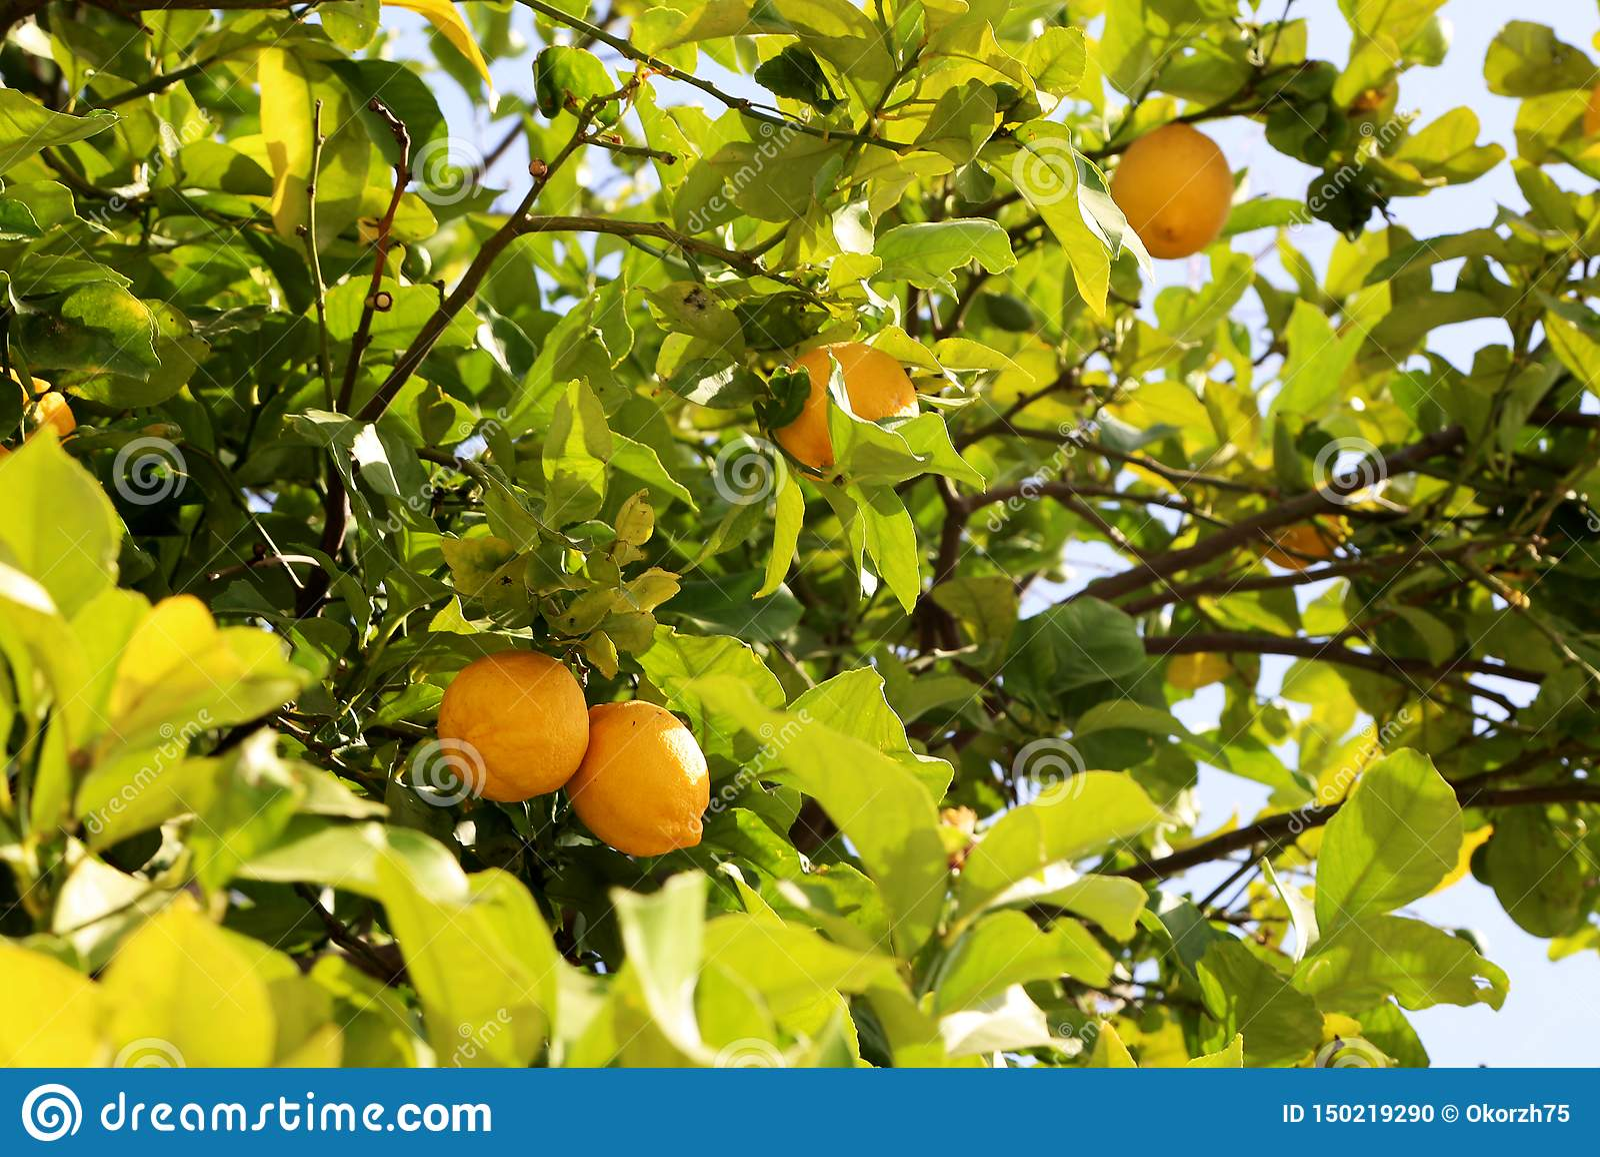 Bossen van verse gele rijpe citroenen op citroenboom